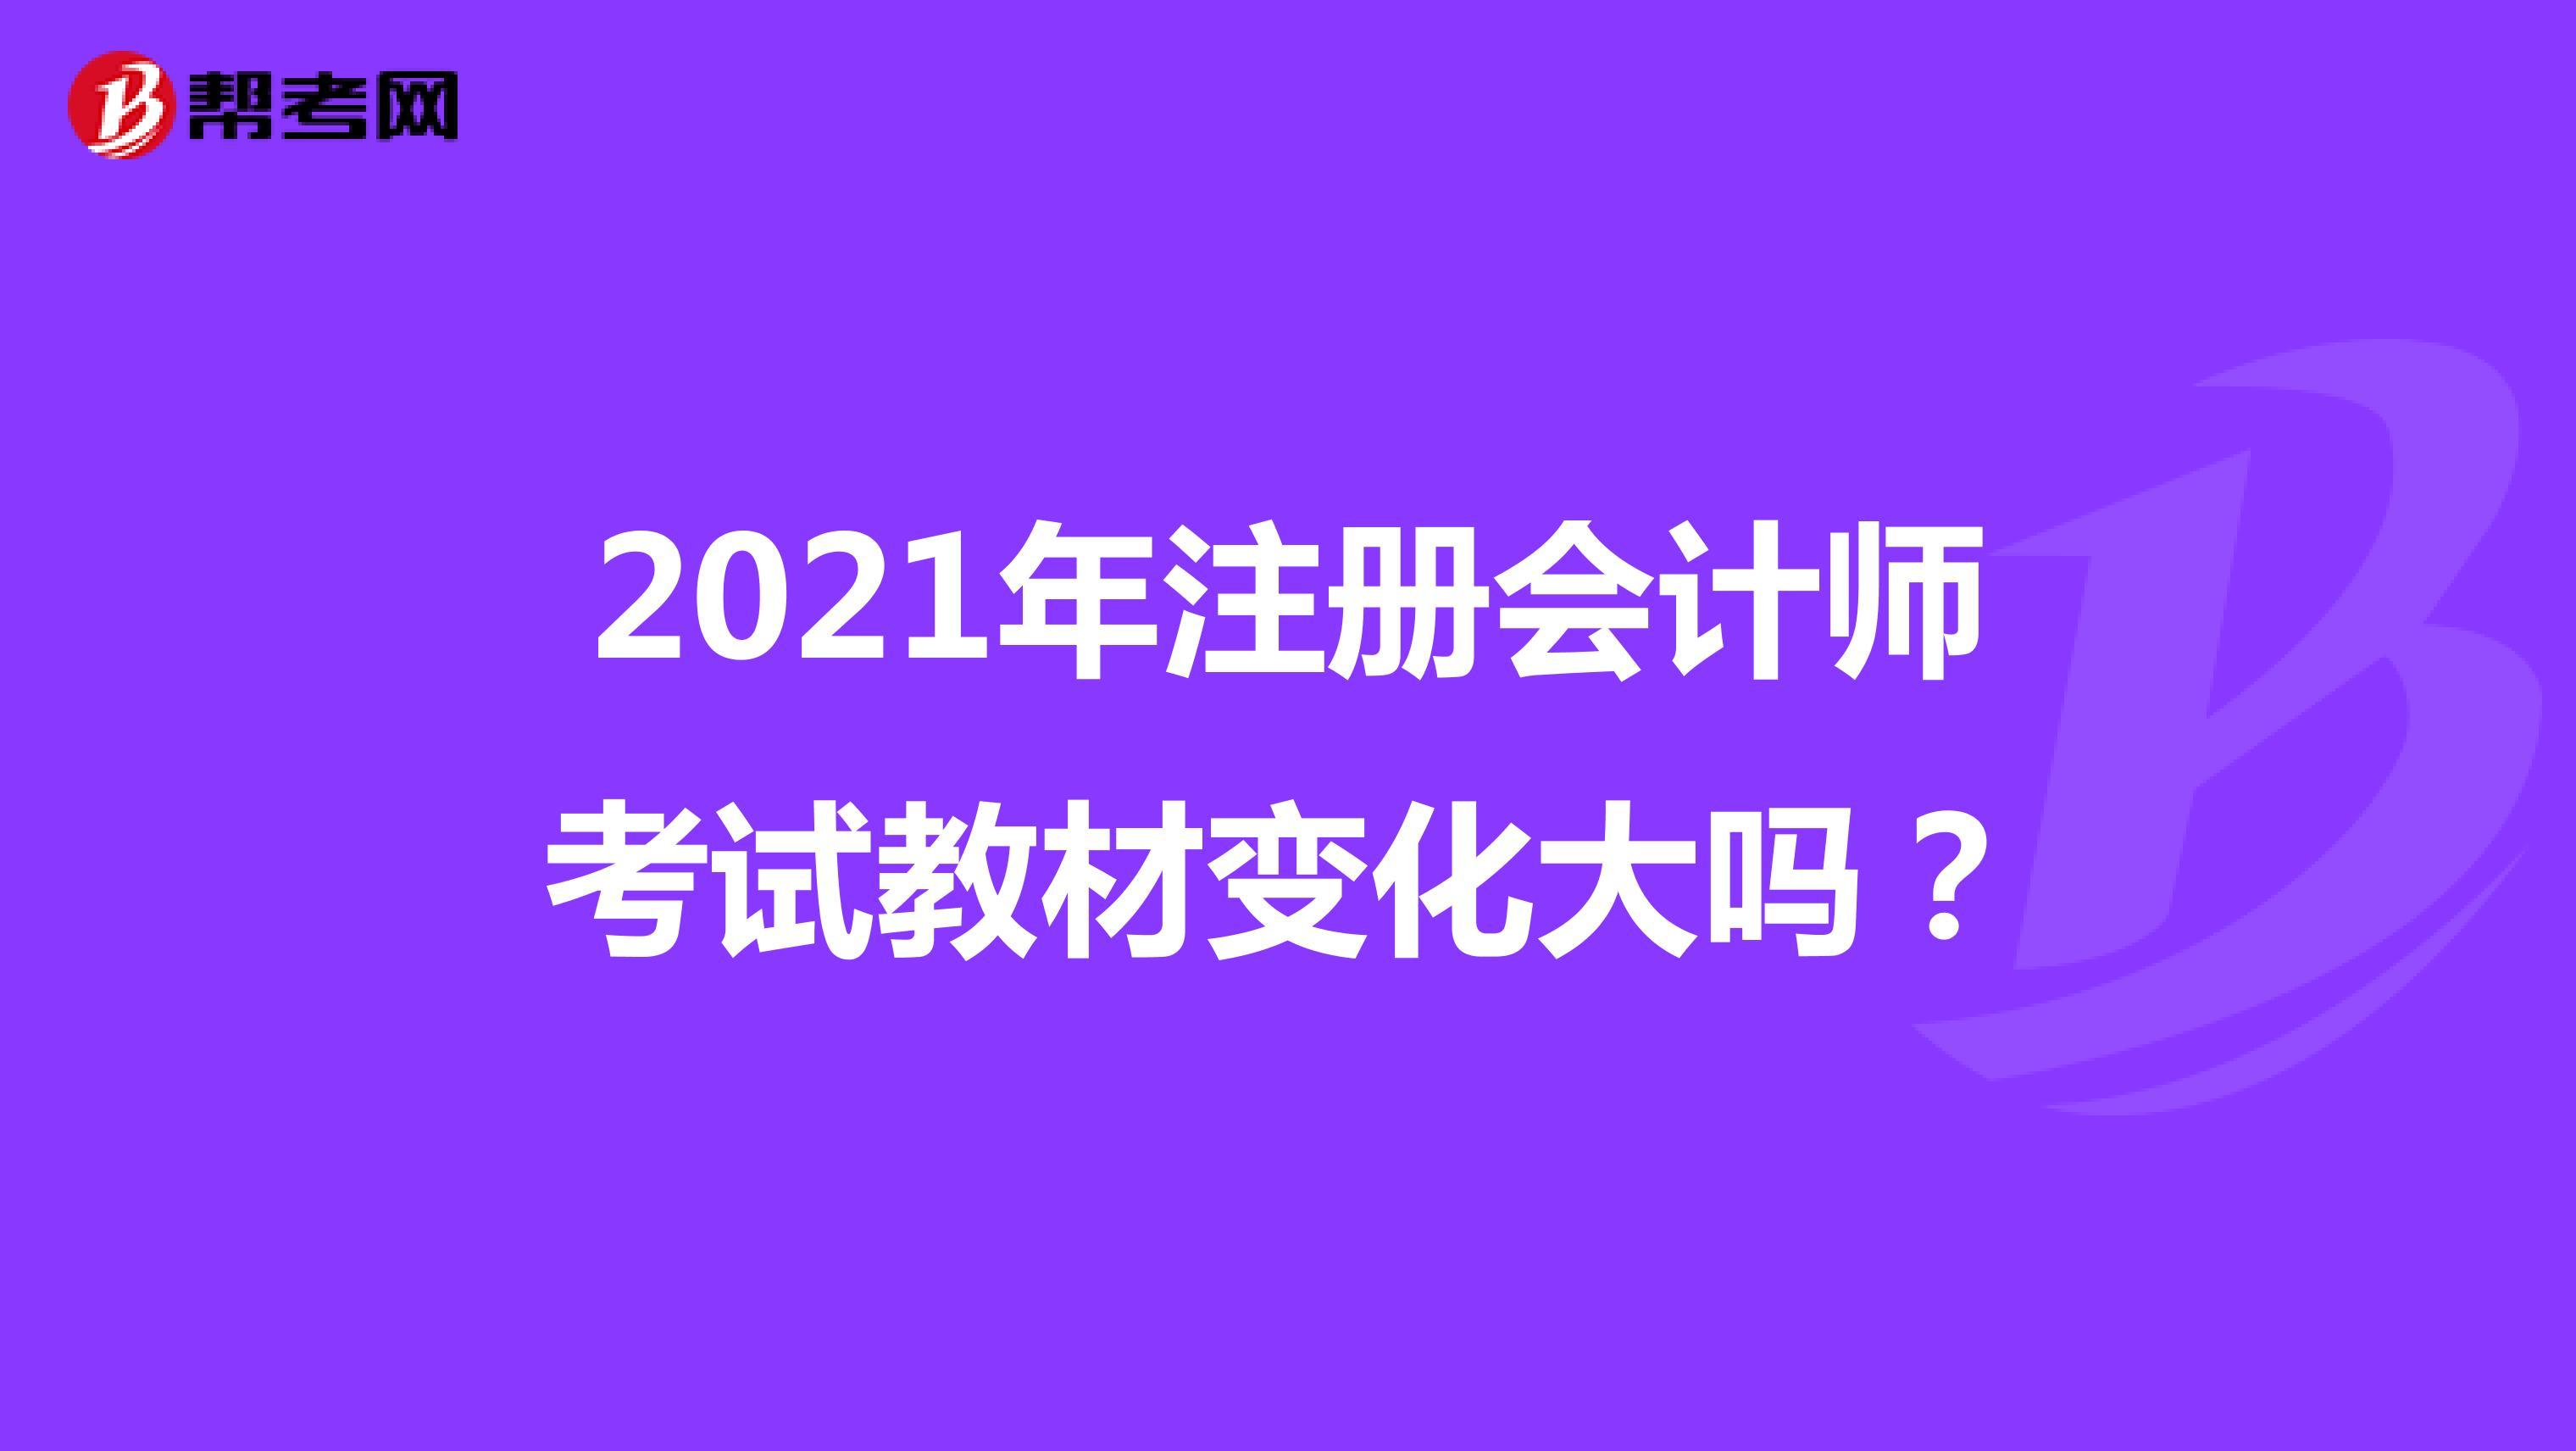 2021年【hot88热竞技提款】注册会计师考试教材变化大吗?